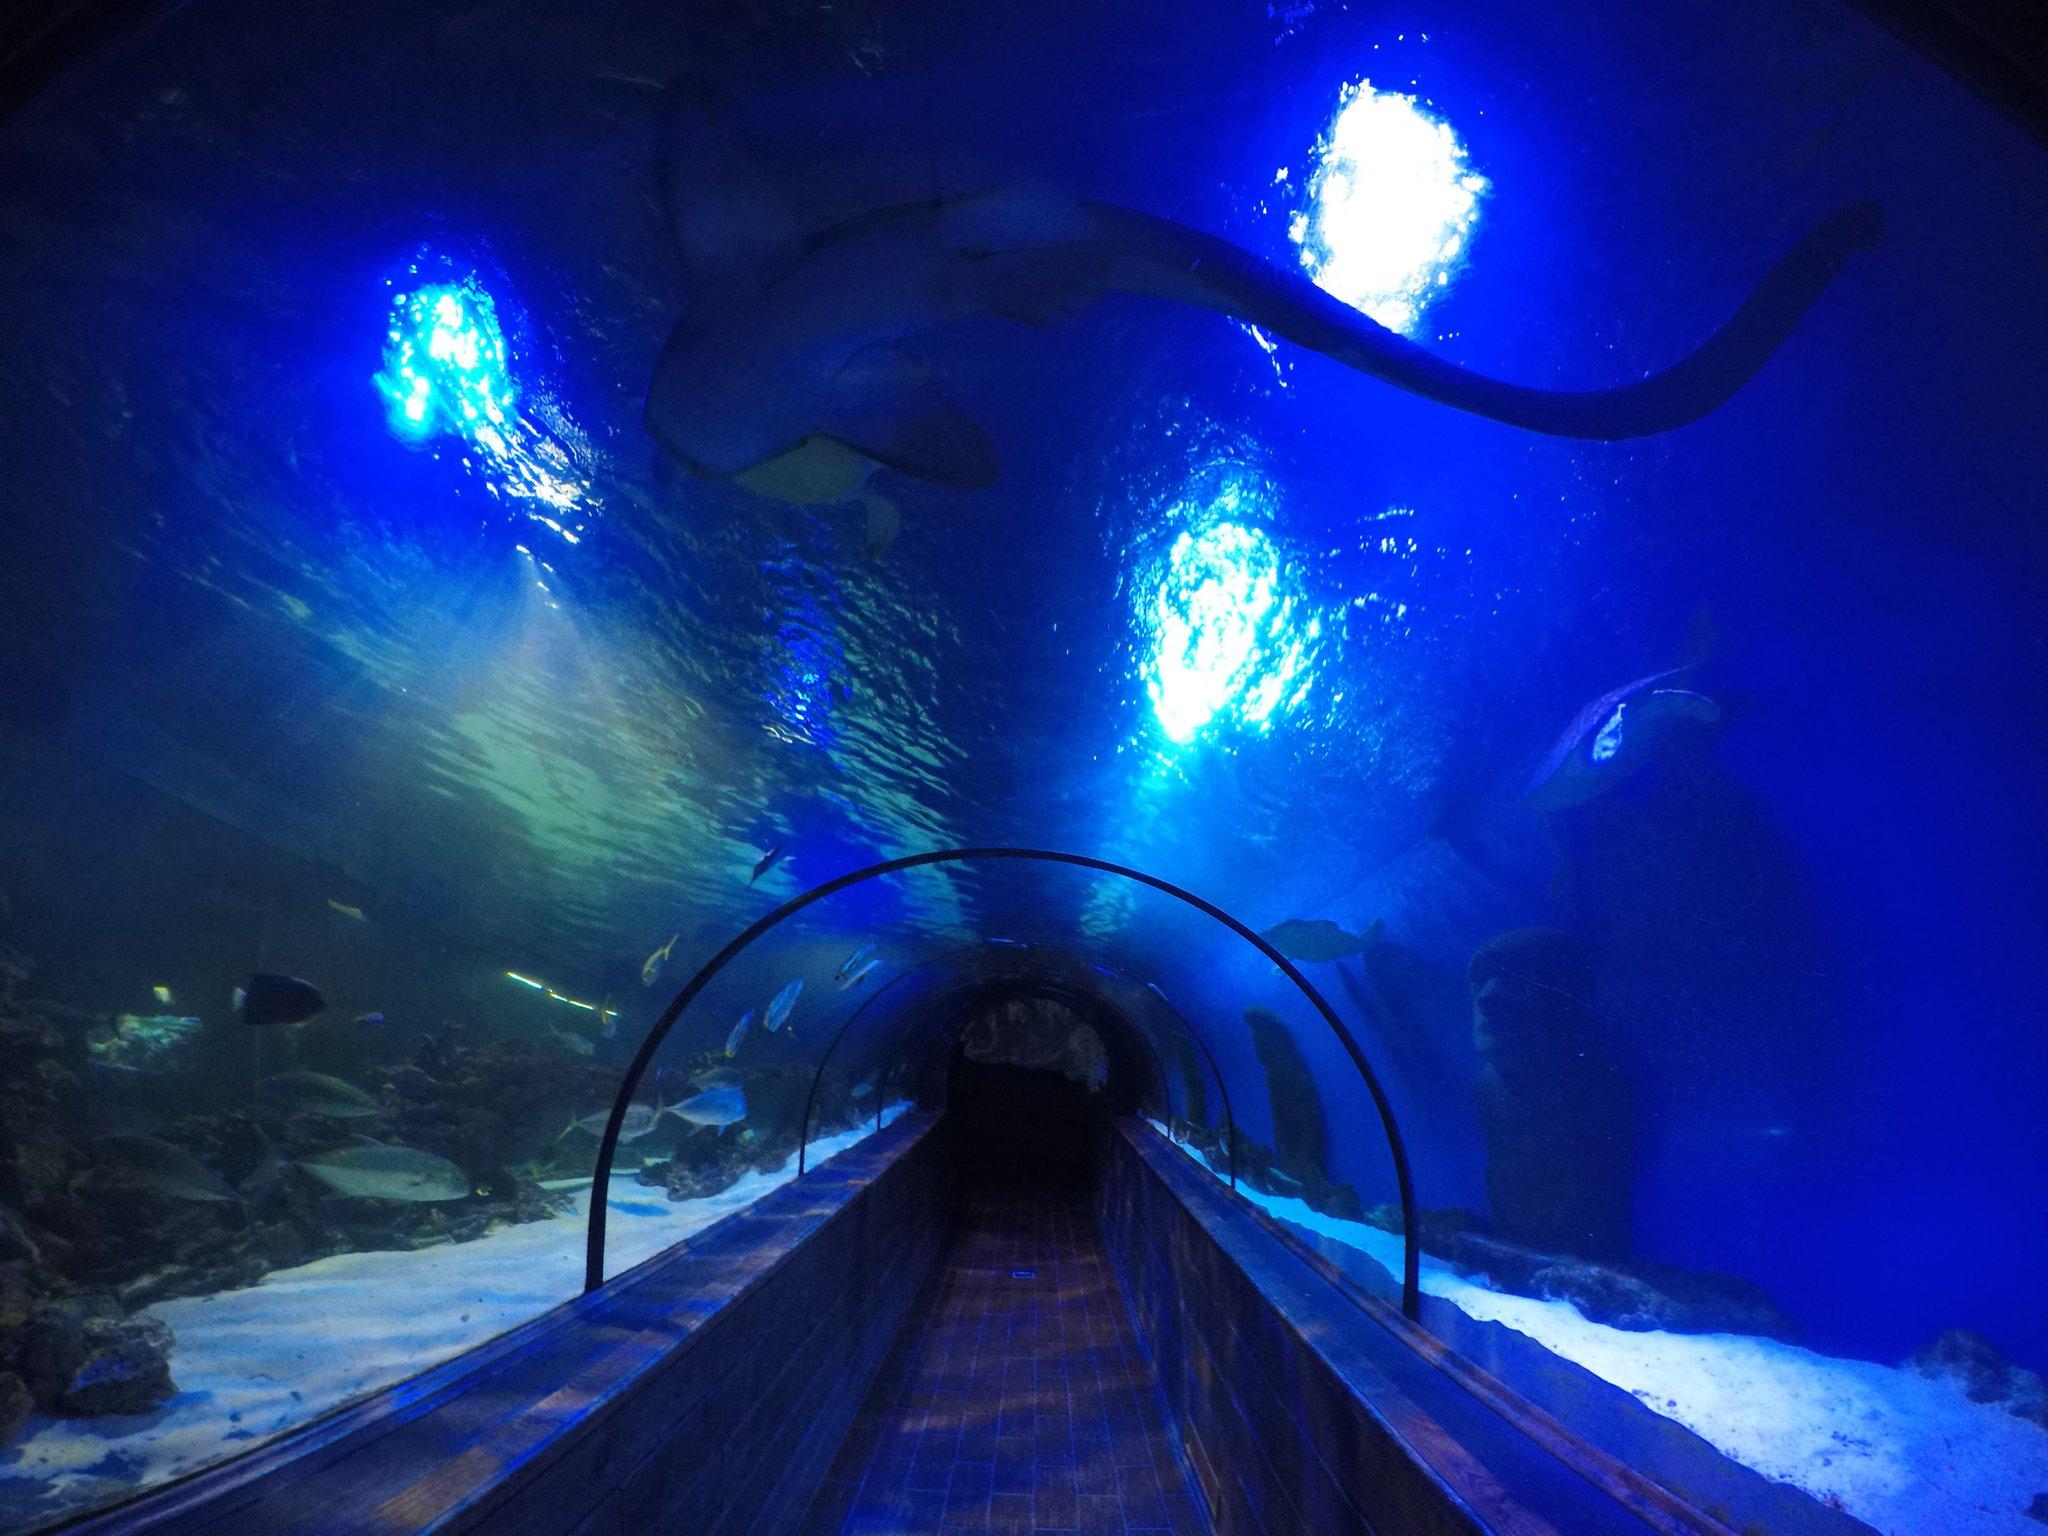 Картинка подводного моста запрос кавычки